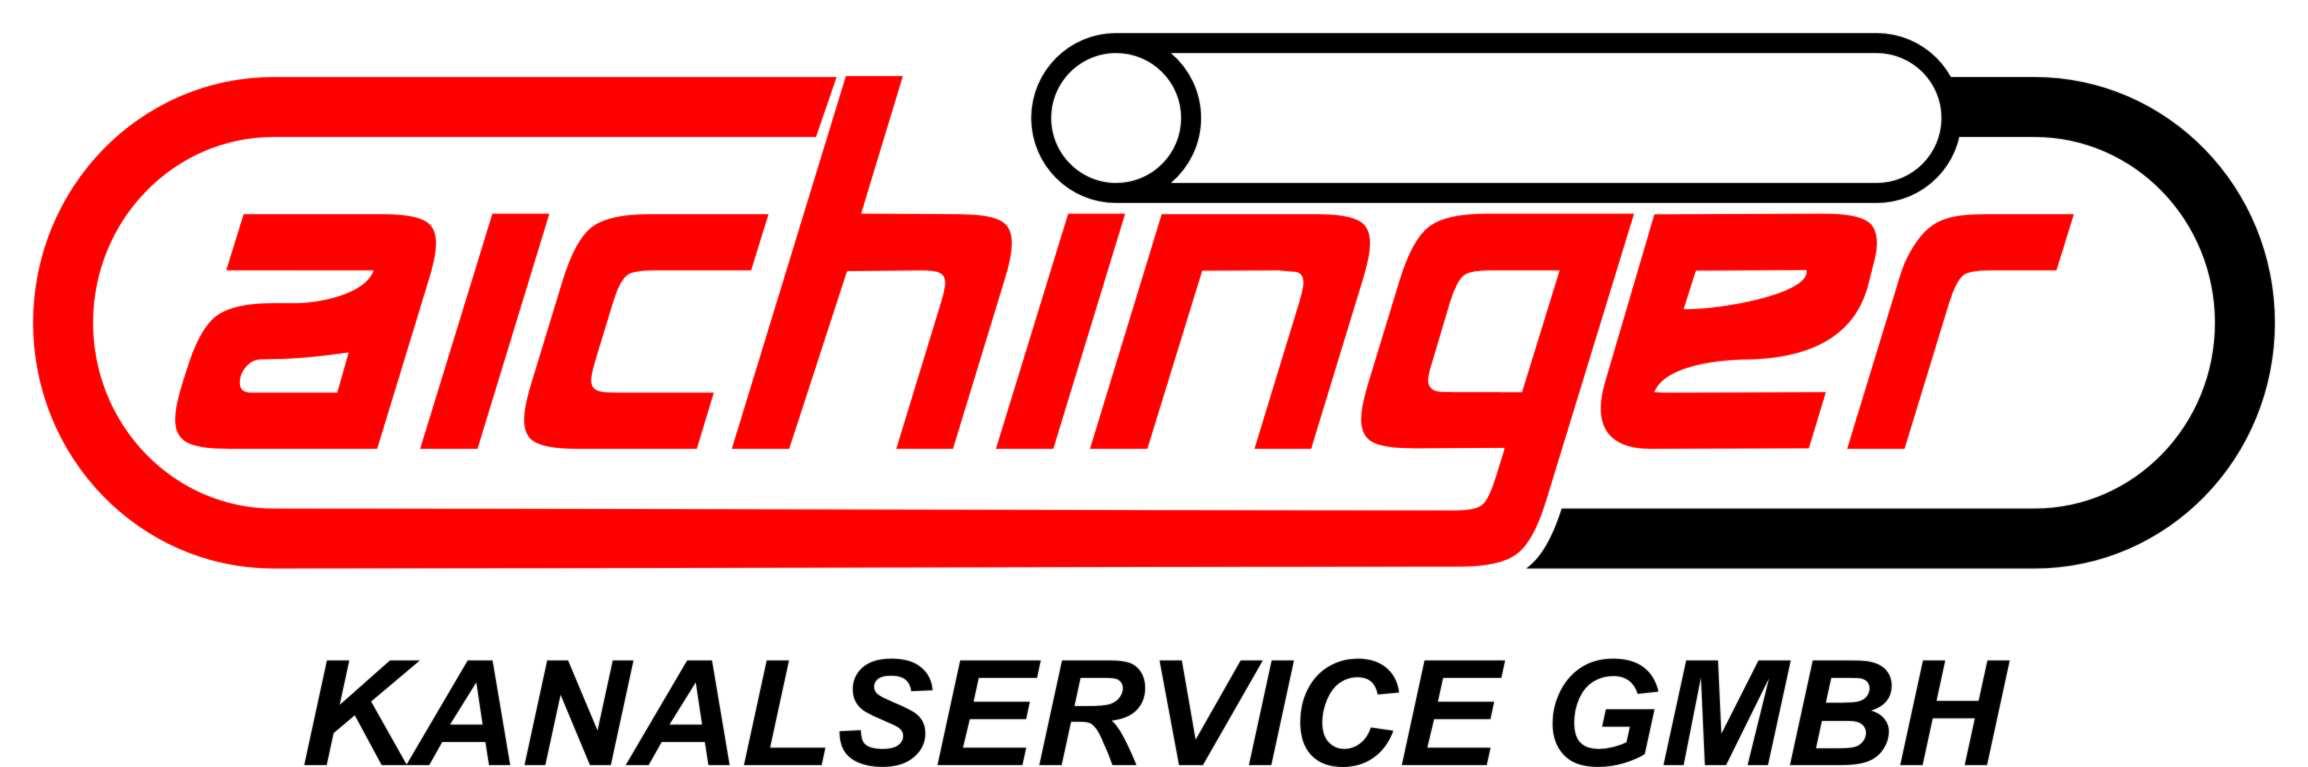 Aichinger Kanalservice GmbH - Ihr Profi aus dem Bezirk Vöcklabruck | Aichinger Kanalservice ist Ihr Spezialist für Kanalservice aus Redlham in Oberösterreich. Kanalservice, Abflussverstopfungen, Abfallservice und Spezialdienste.